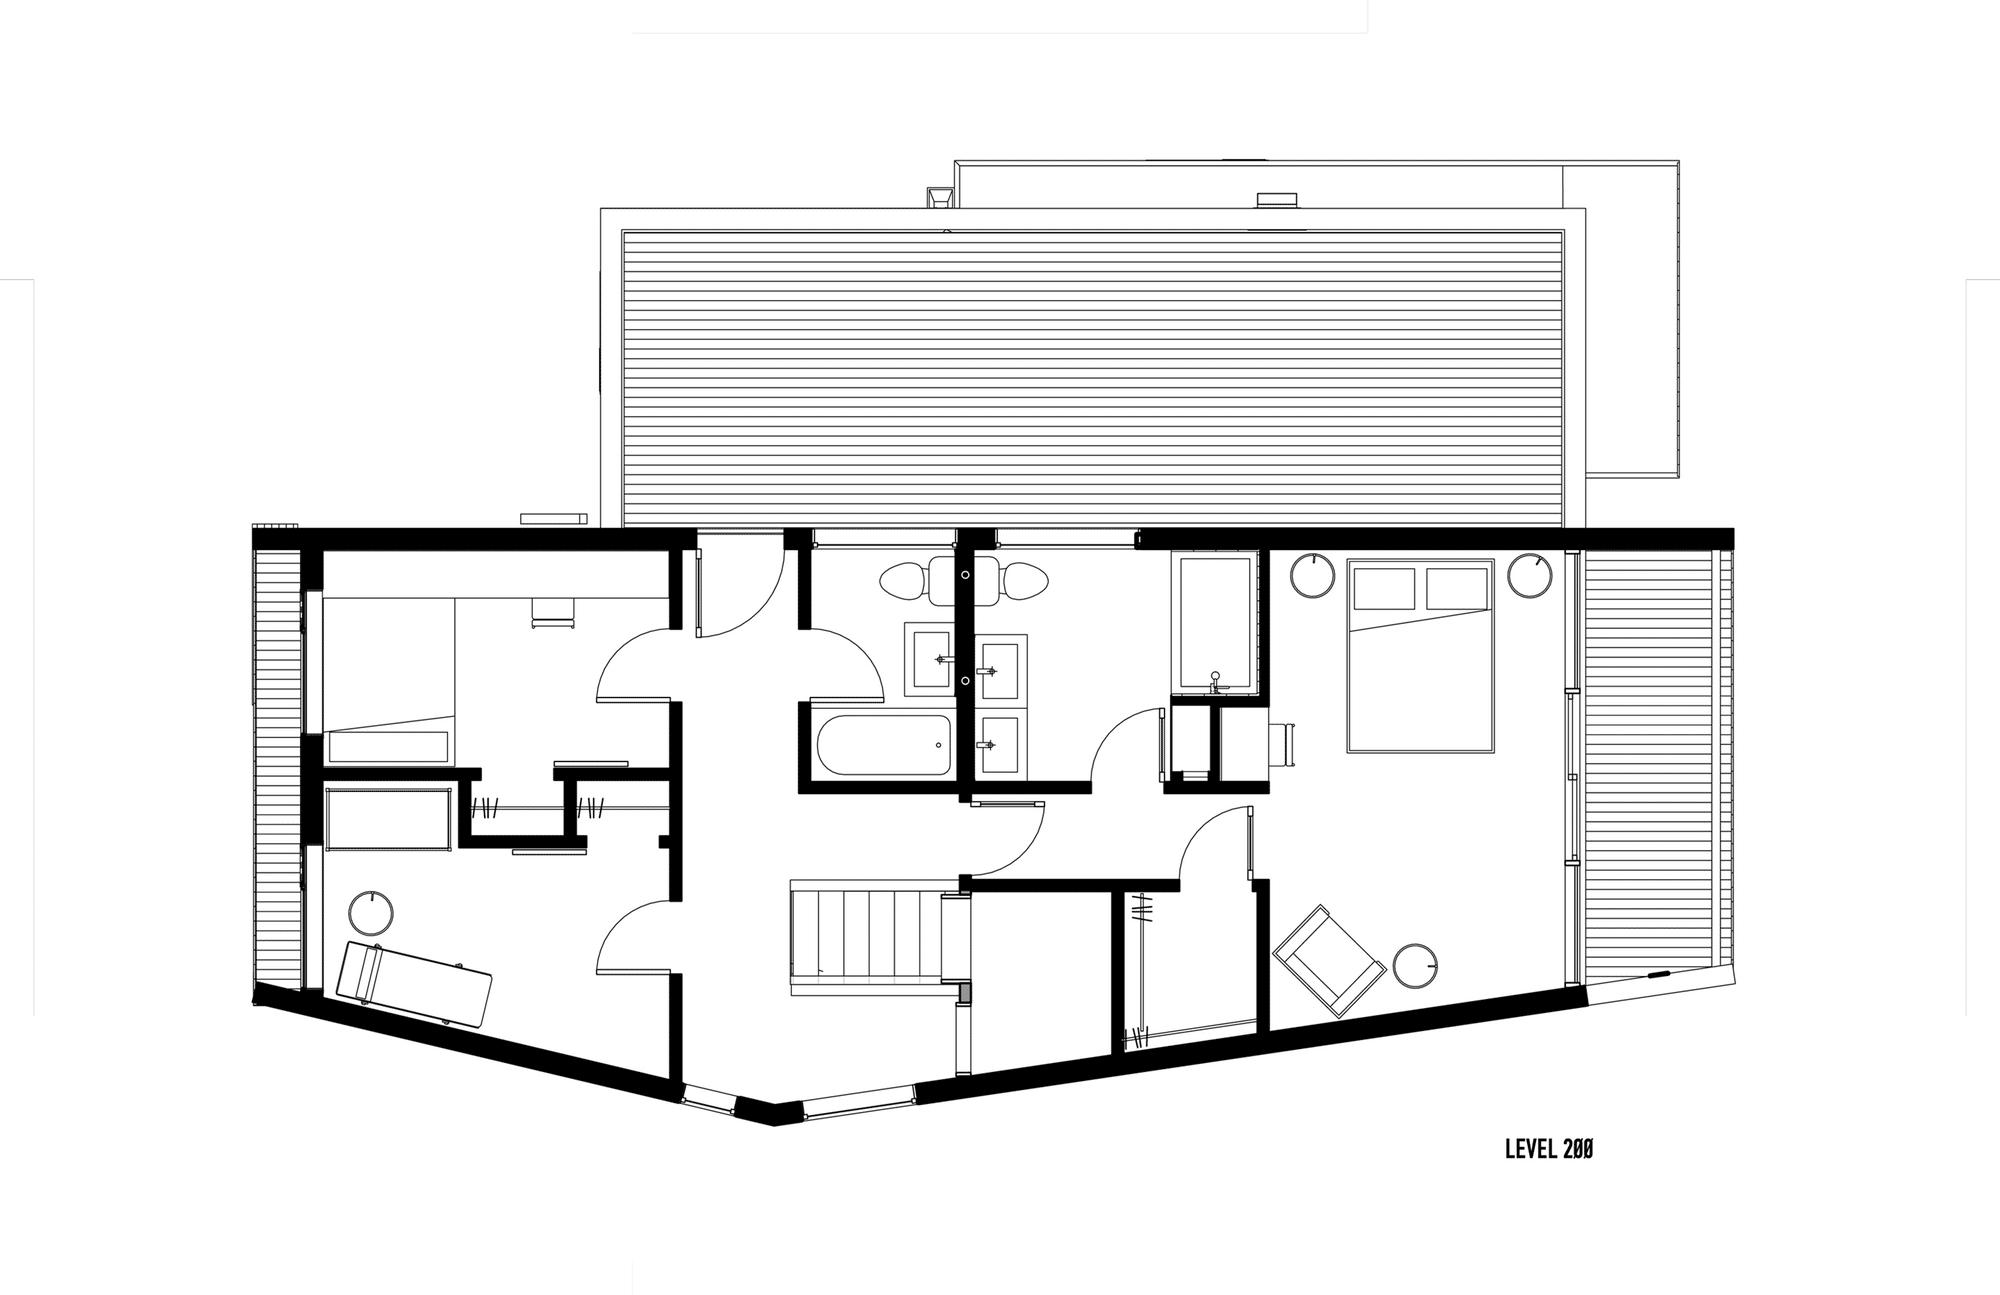 Ba os en segunda planta - Planos de casas de 2 plantas ...